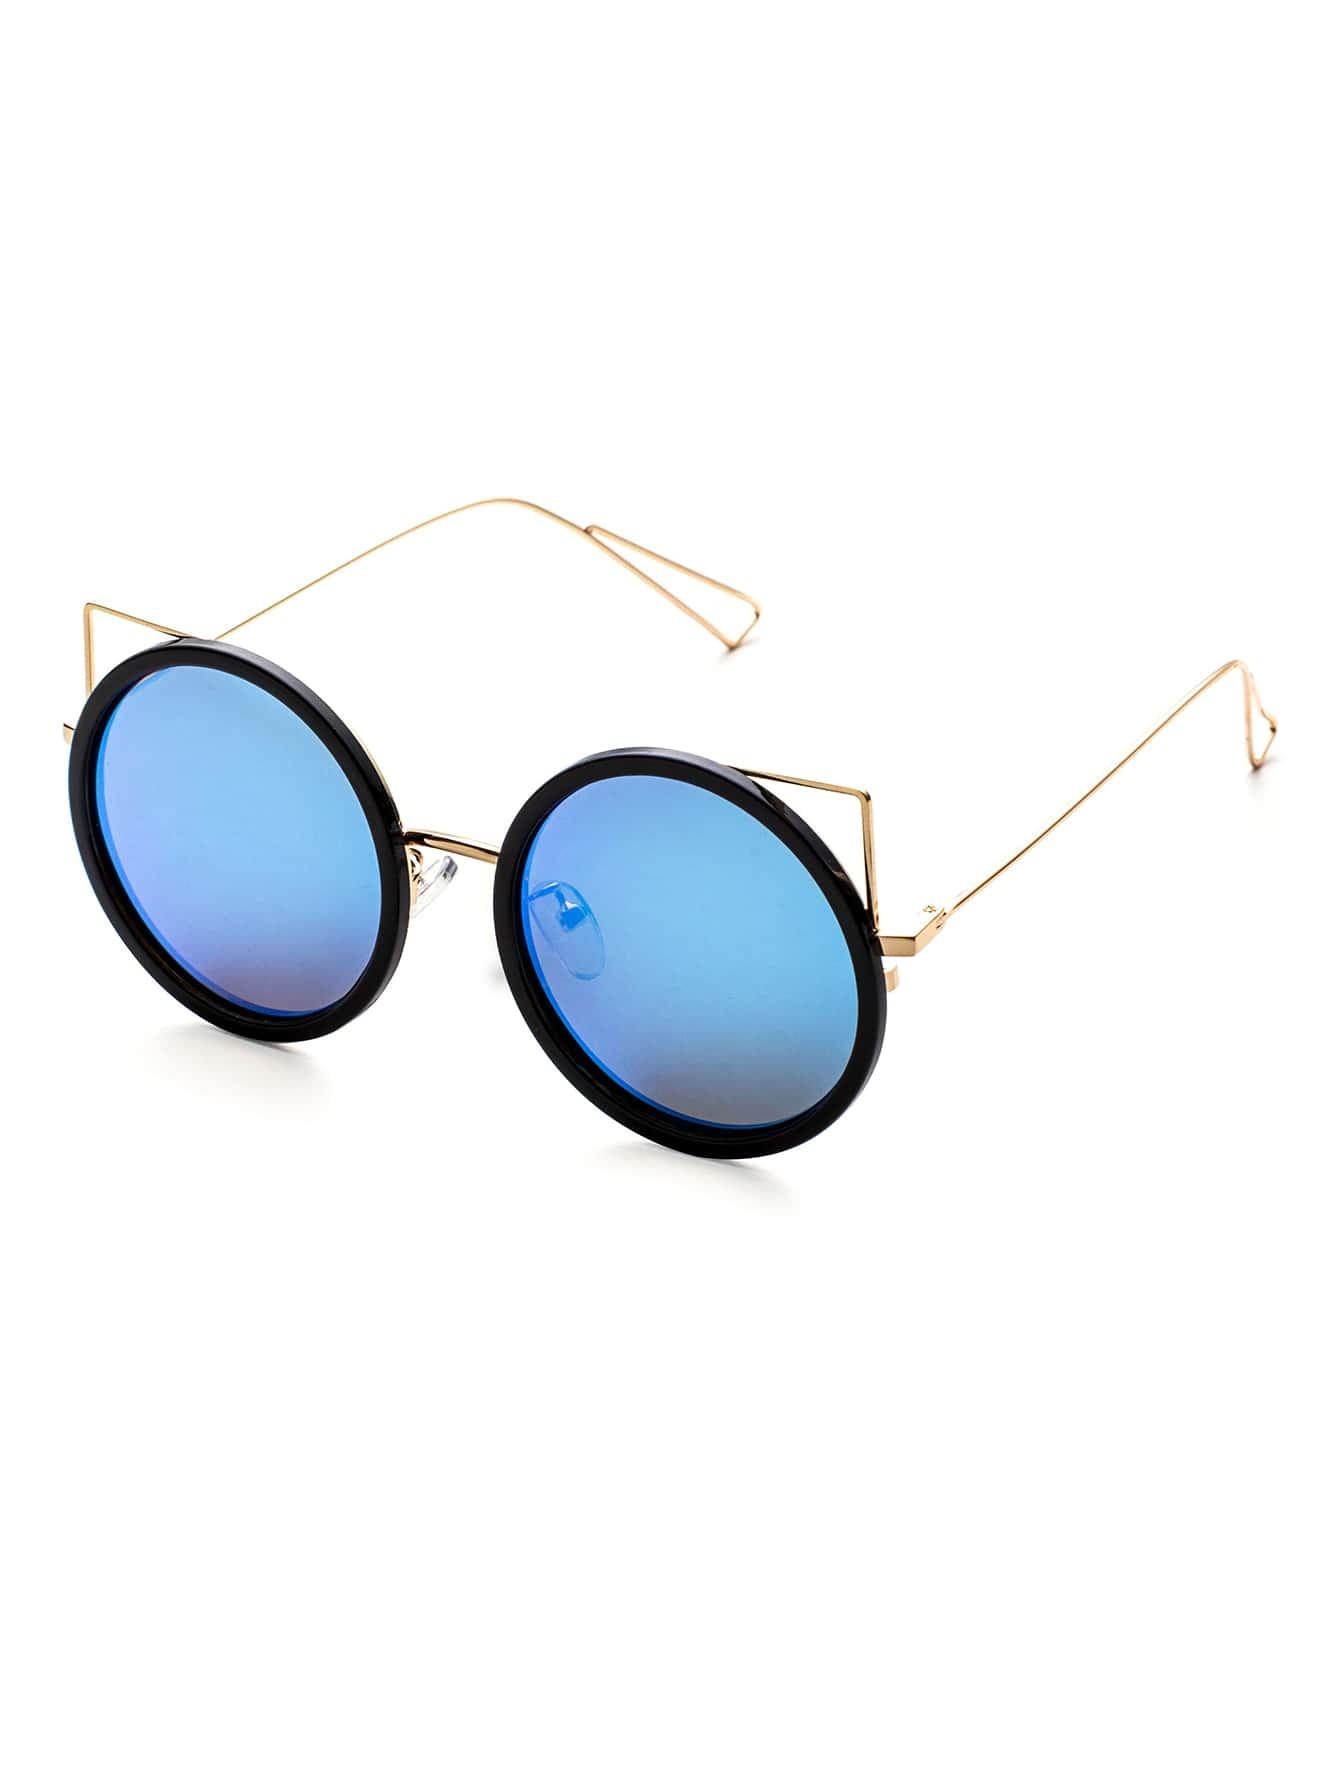 noir et or cadre bleu lunette ronde design lunettes de soleil french shein sheinside. Black Bedroom Furniture Sets. Home Design Ideas